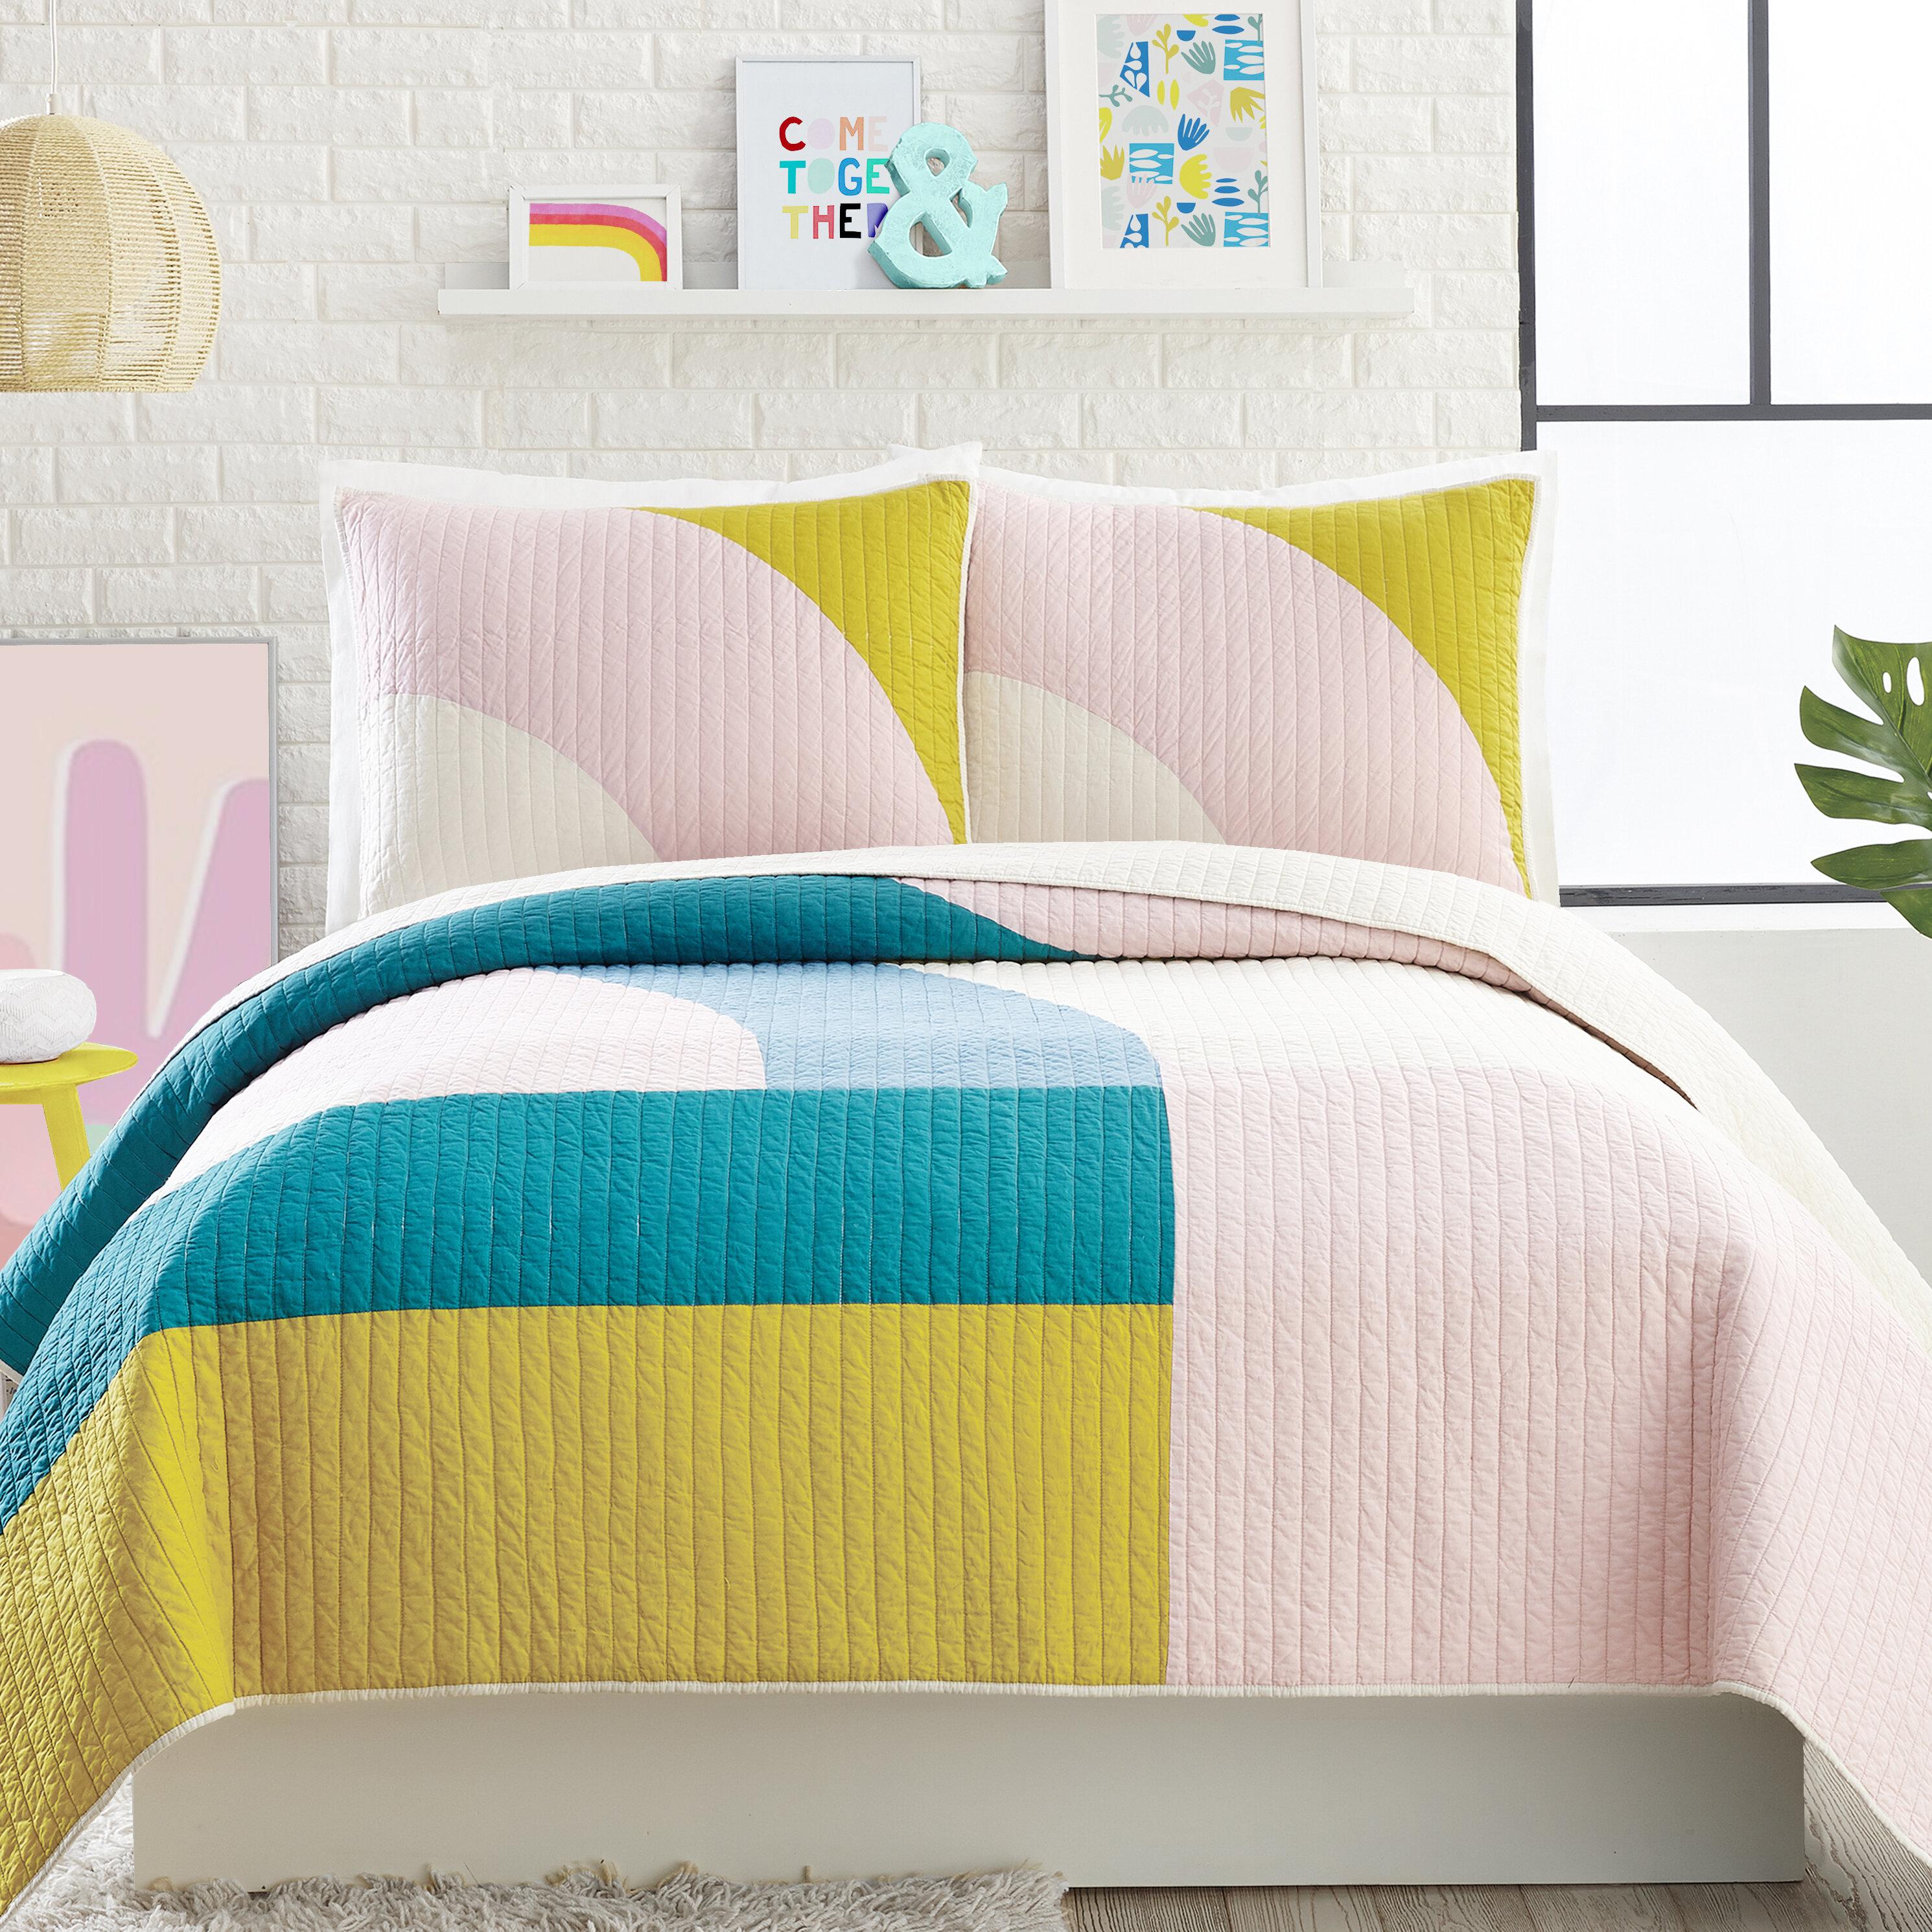 Mod Shapes Cotton 3 Piece Reversible Quilt Set Reviews Allmodern